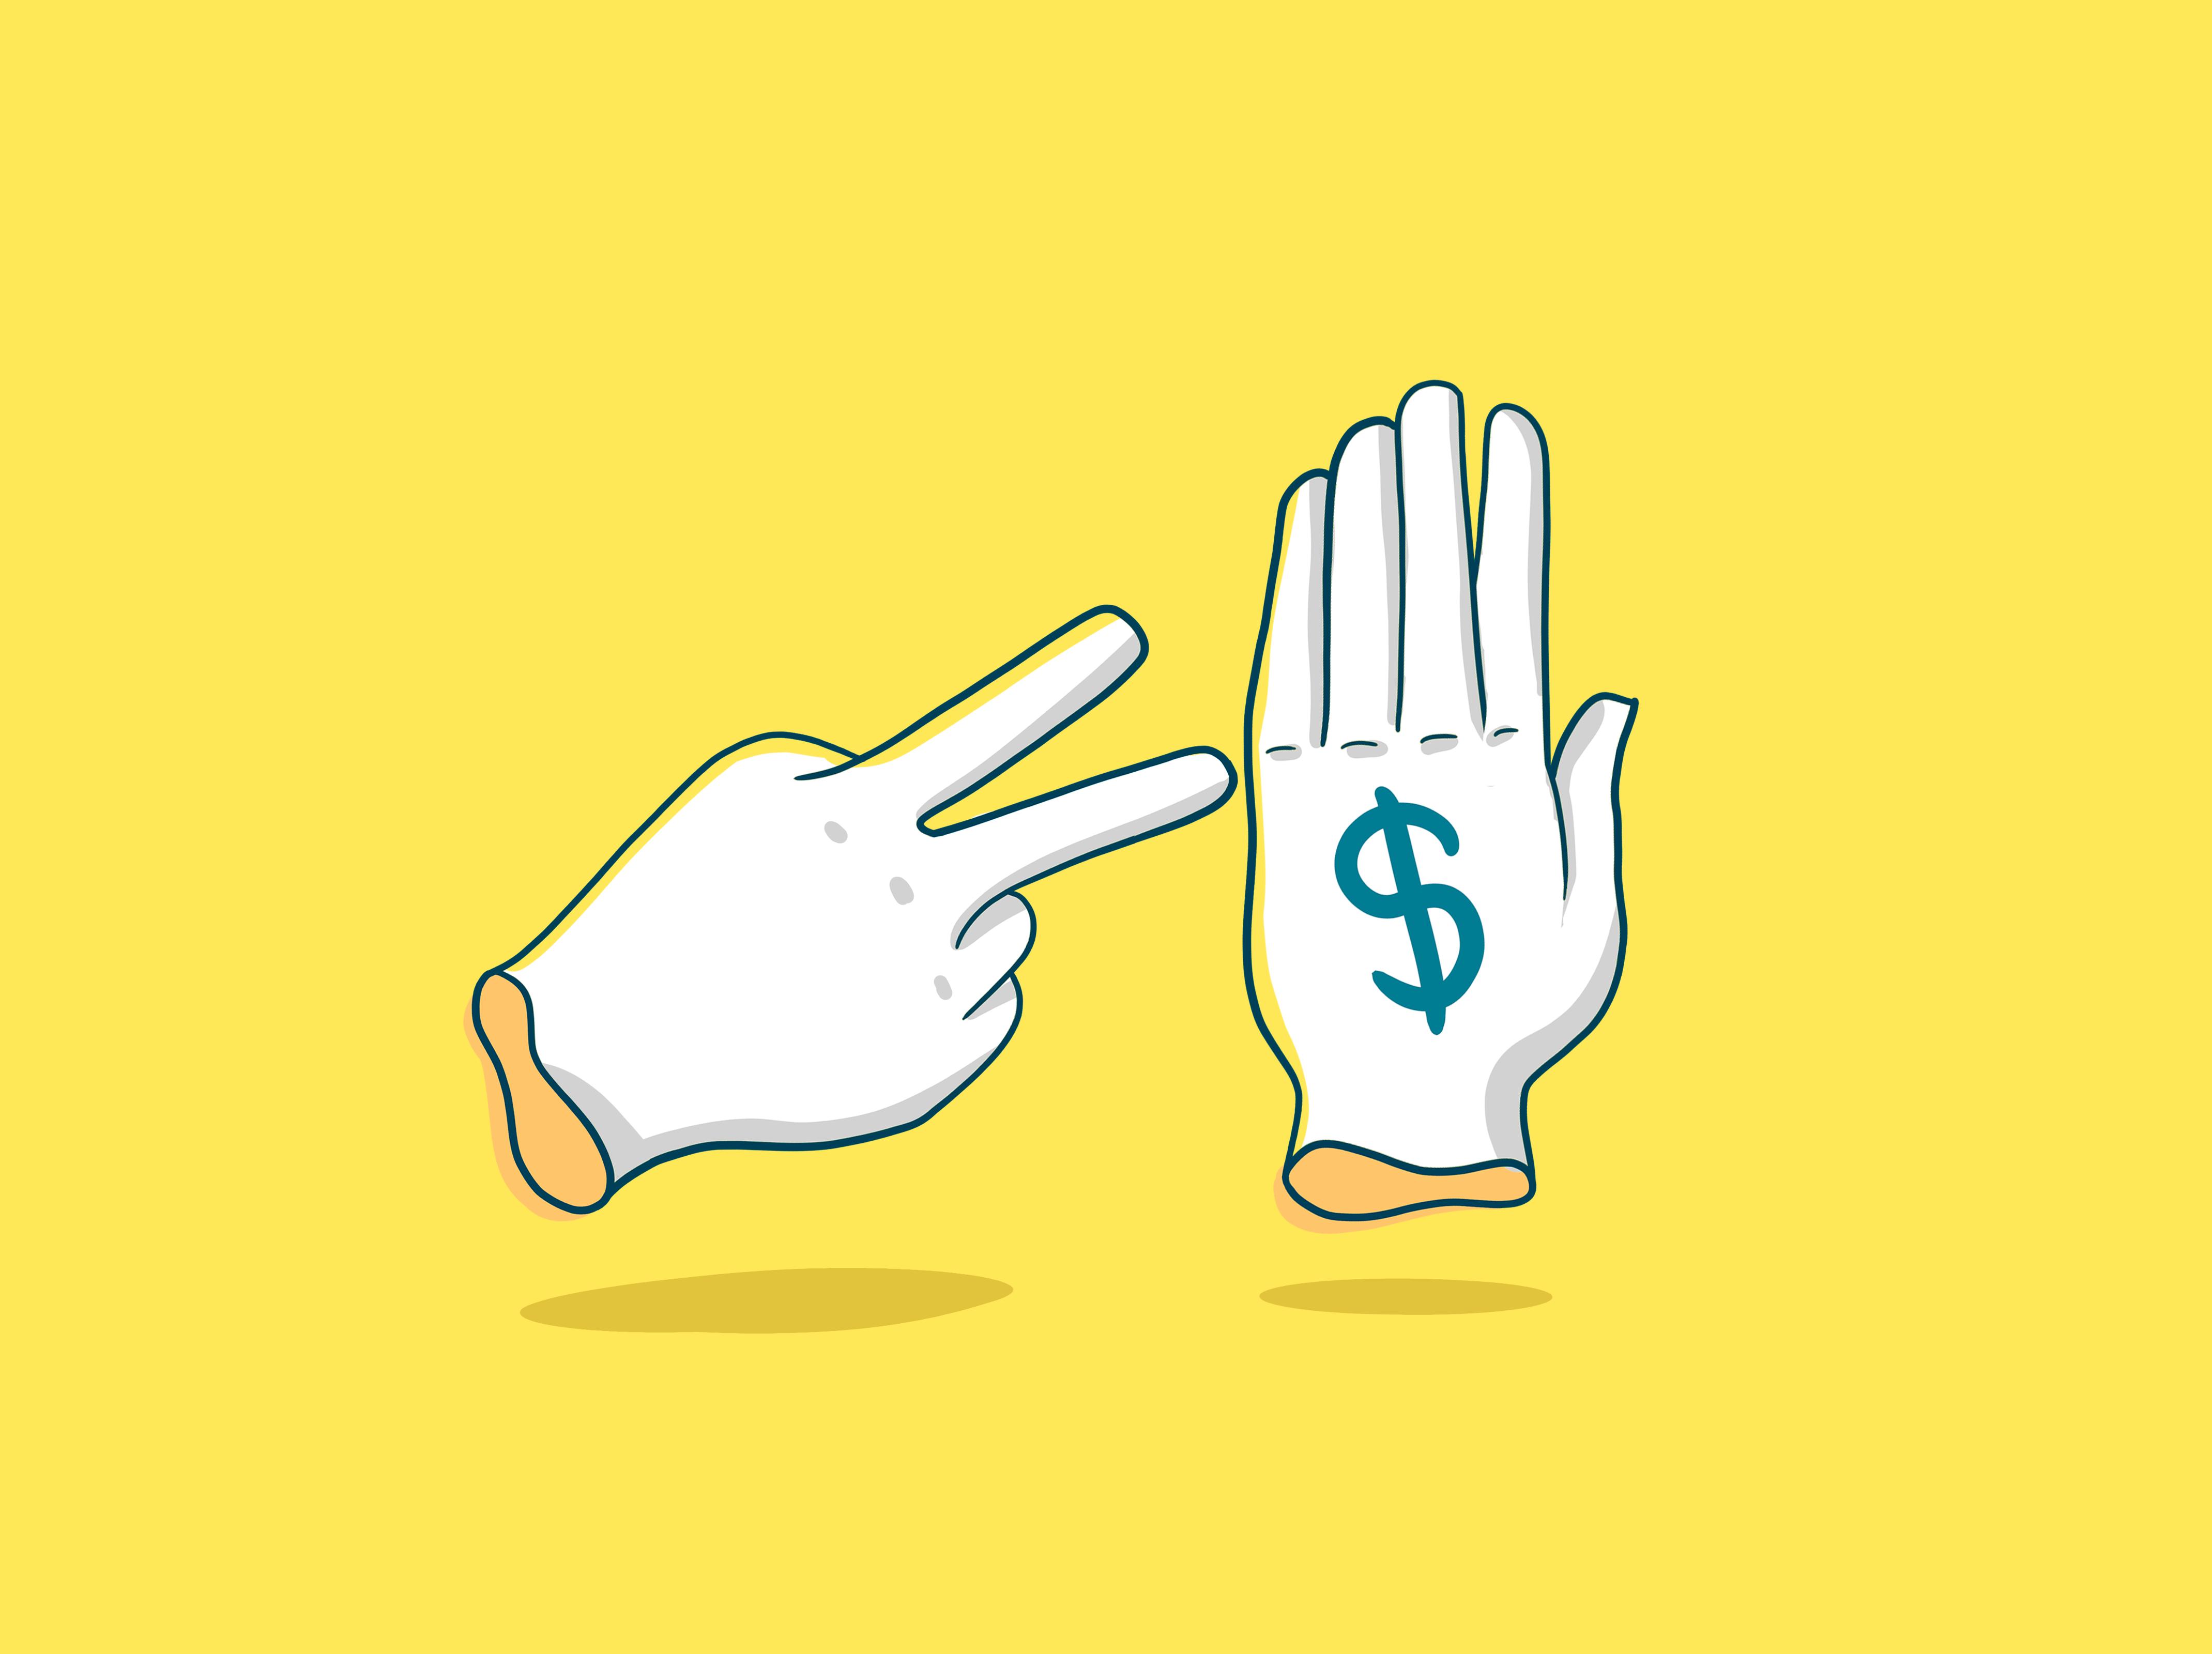 ilustração de mãos